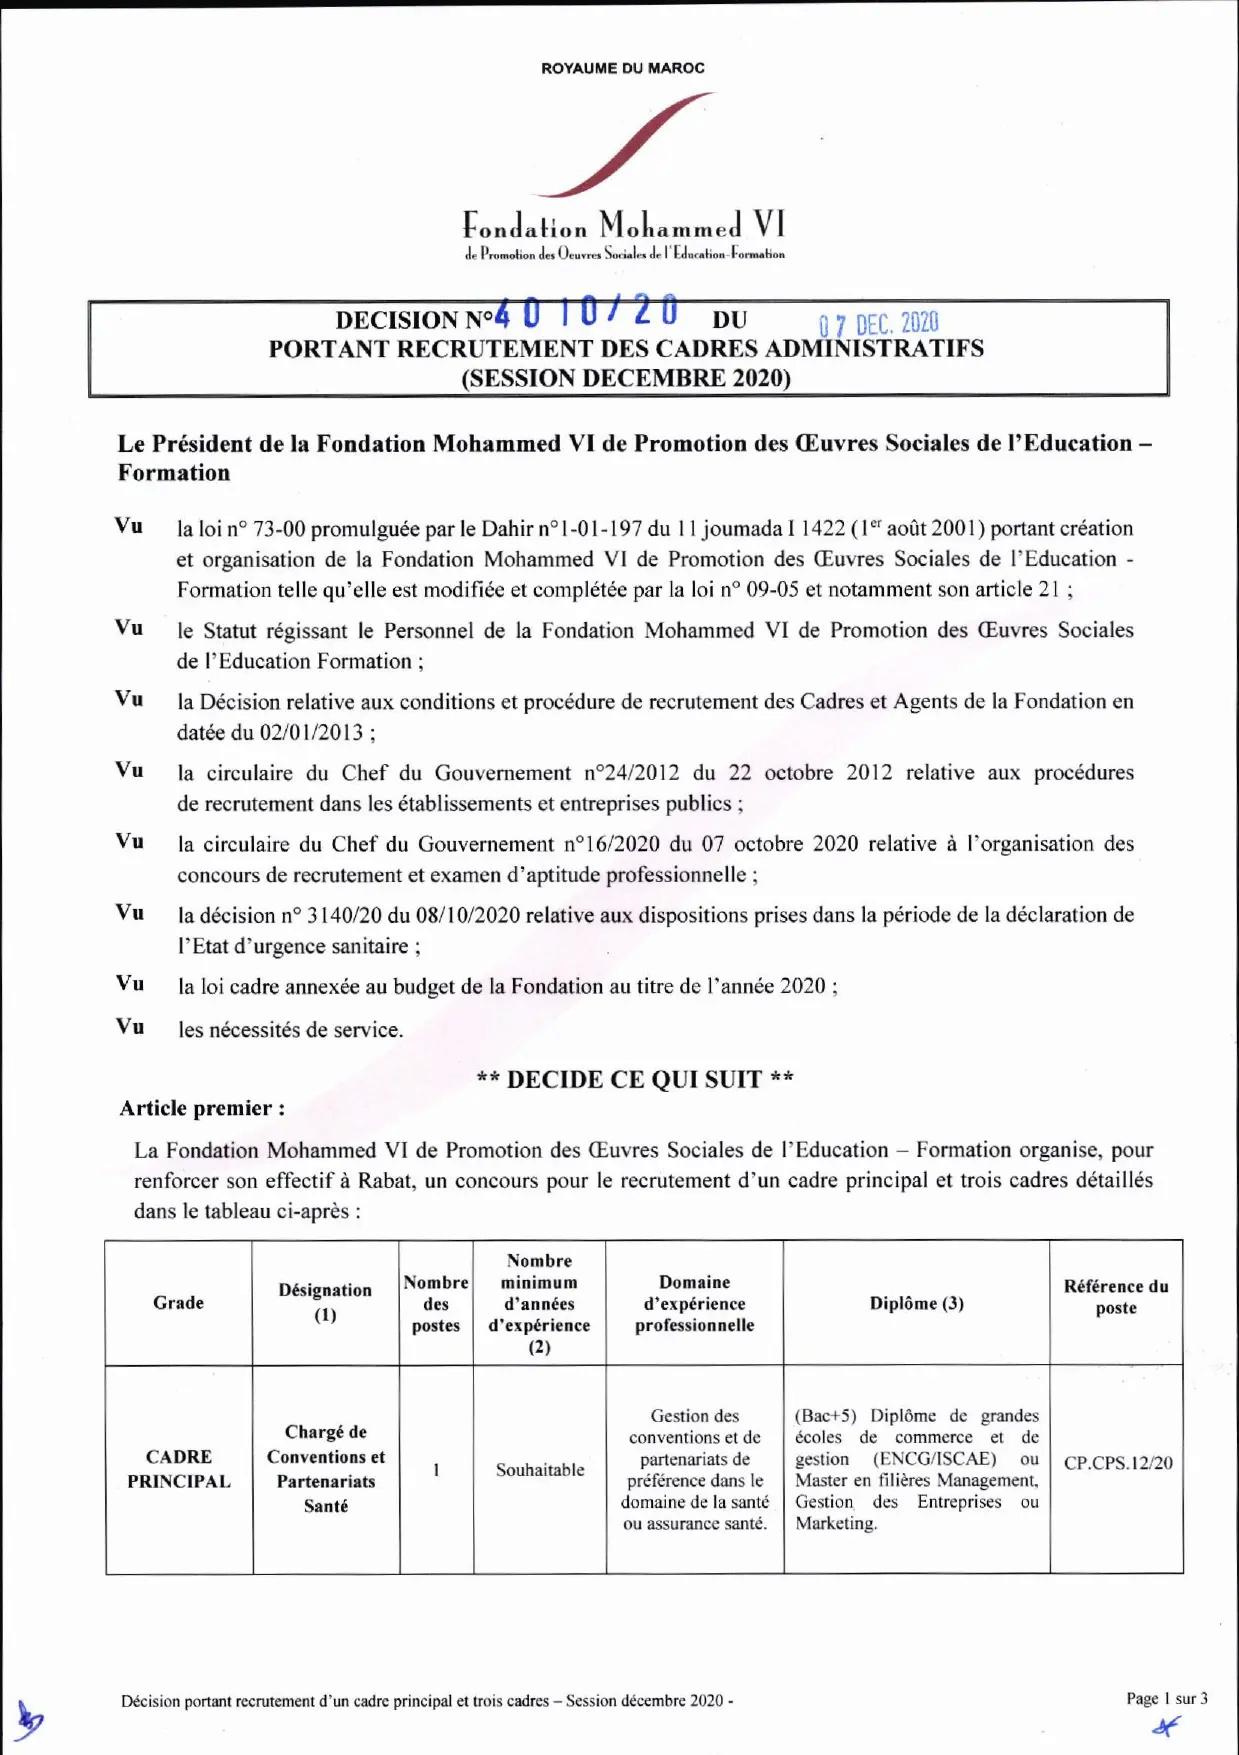 مباريات توظيف بمؤسسة محمد السادس للنهوض بالأعمال الاجتماعية للتربية والتكوين آخر أجل 24 دجنبر 2020 Avisde11